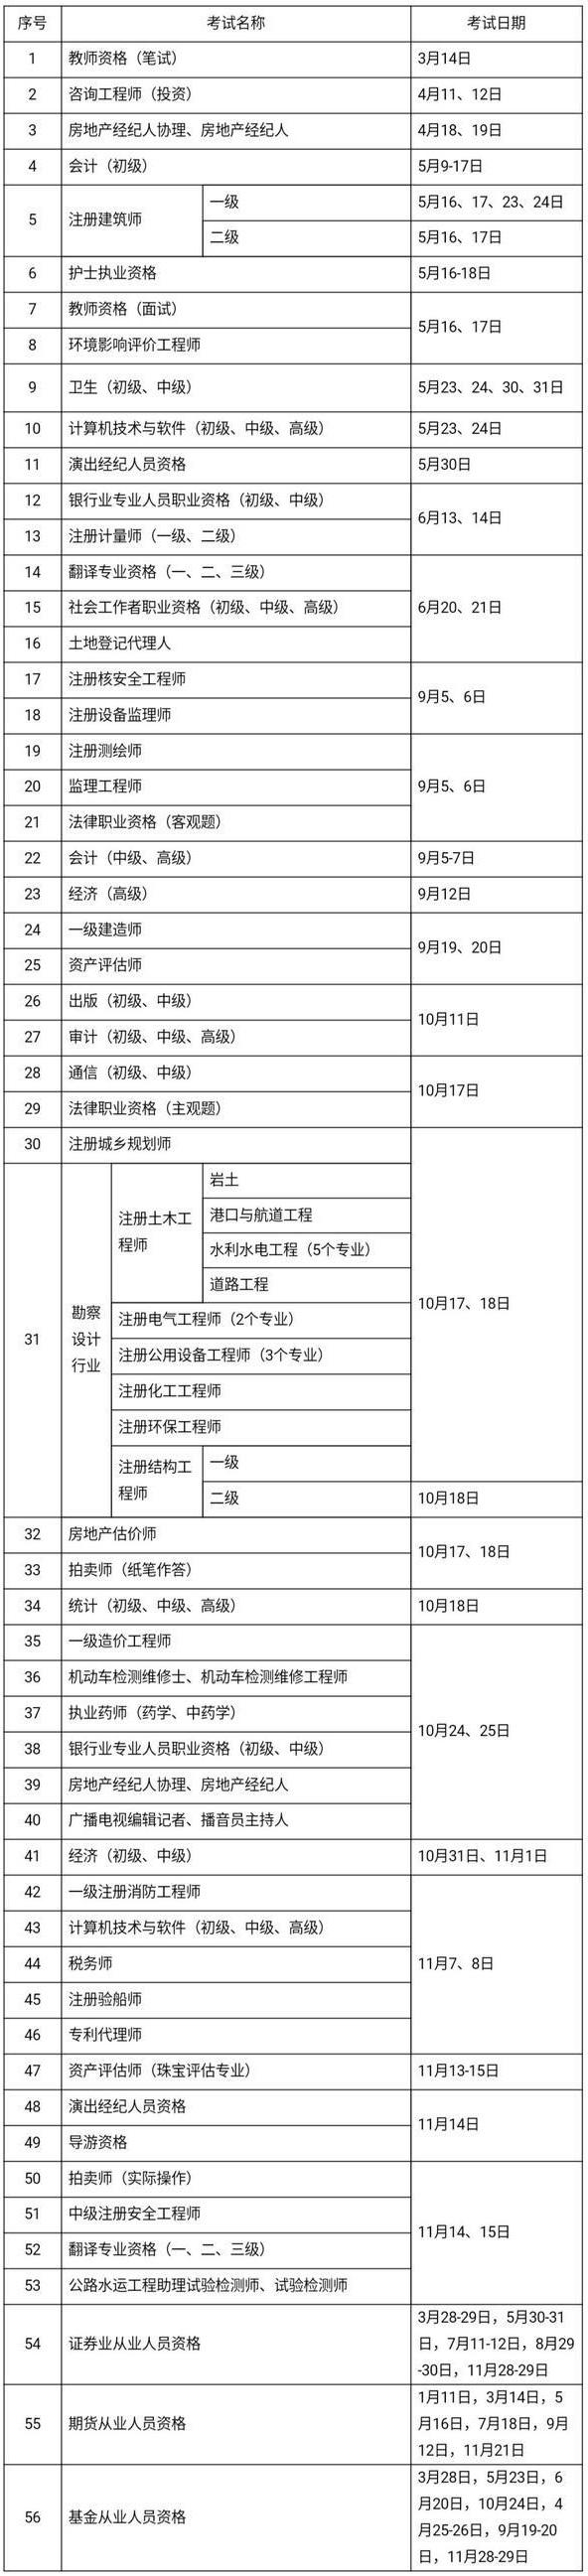 2020年考证时间表.jpg